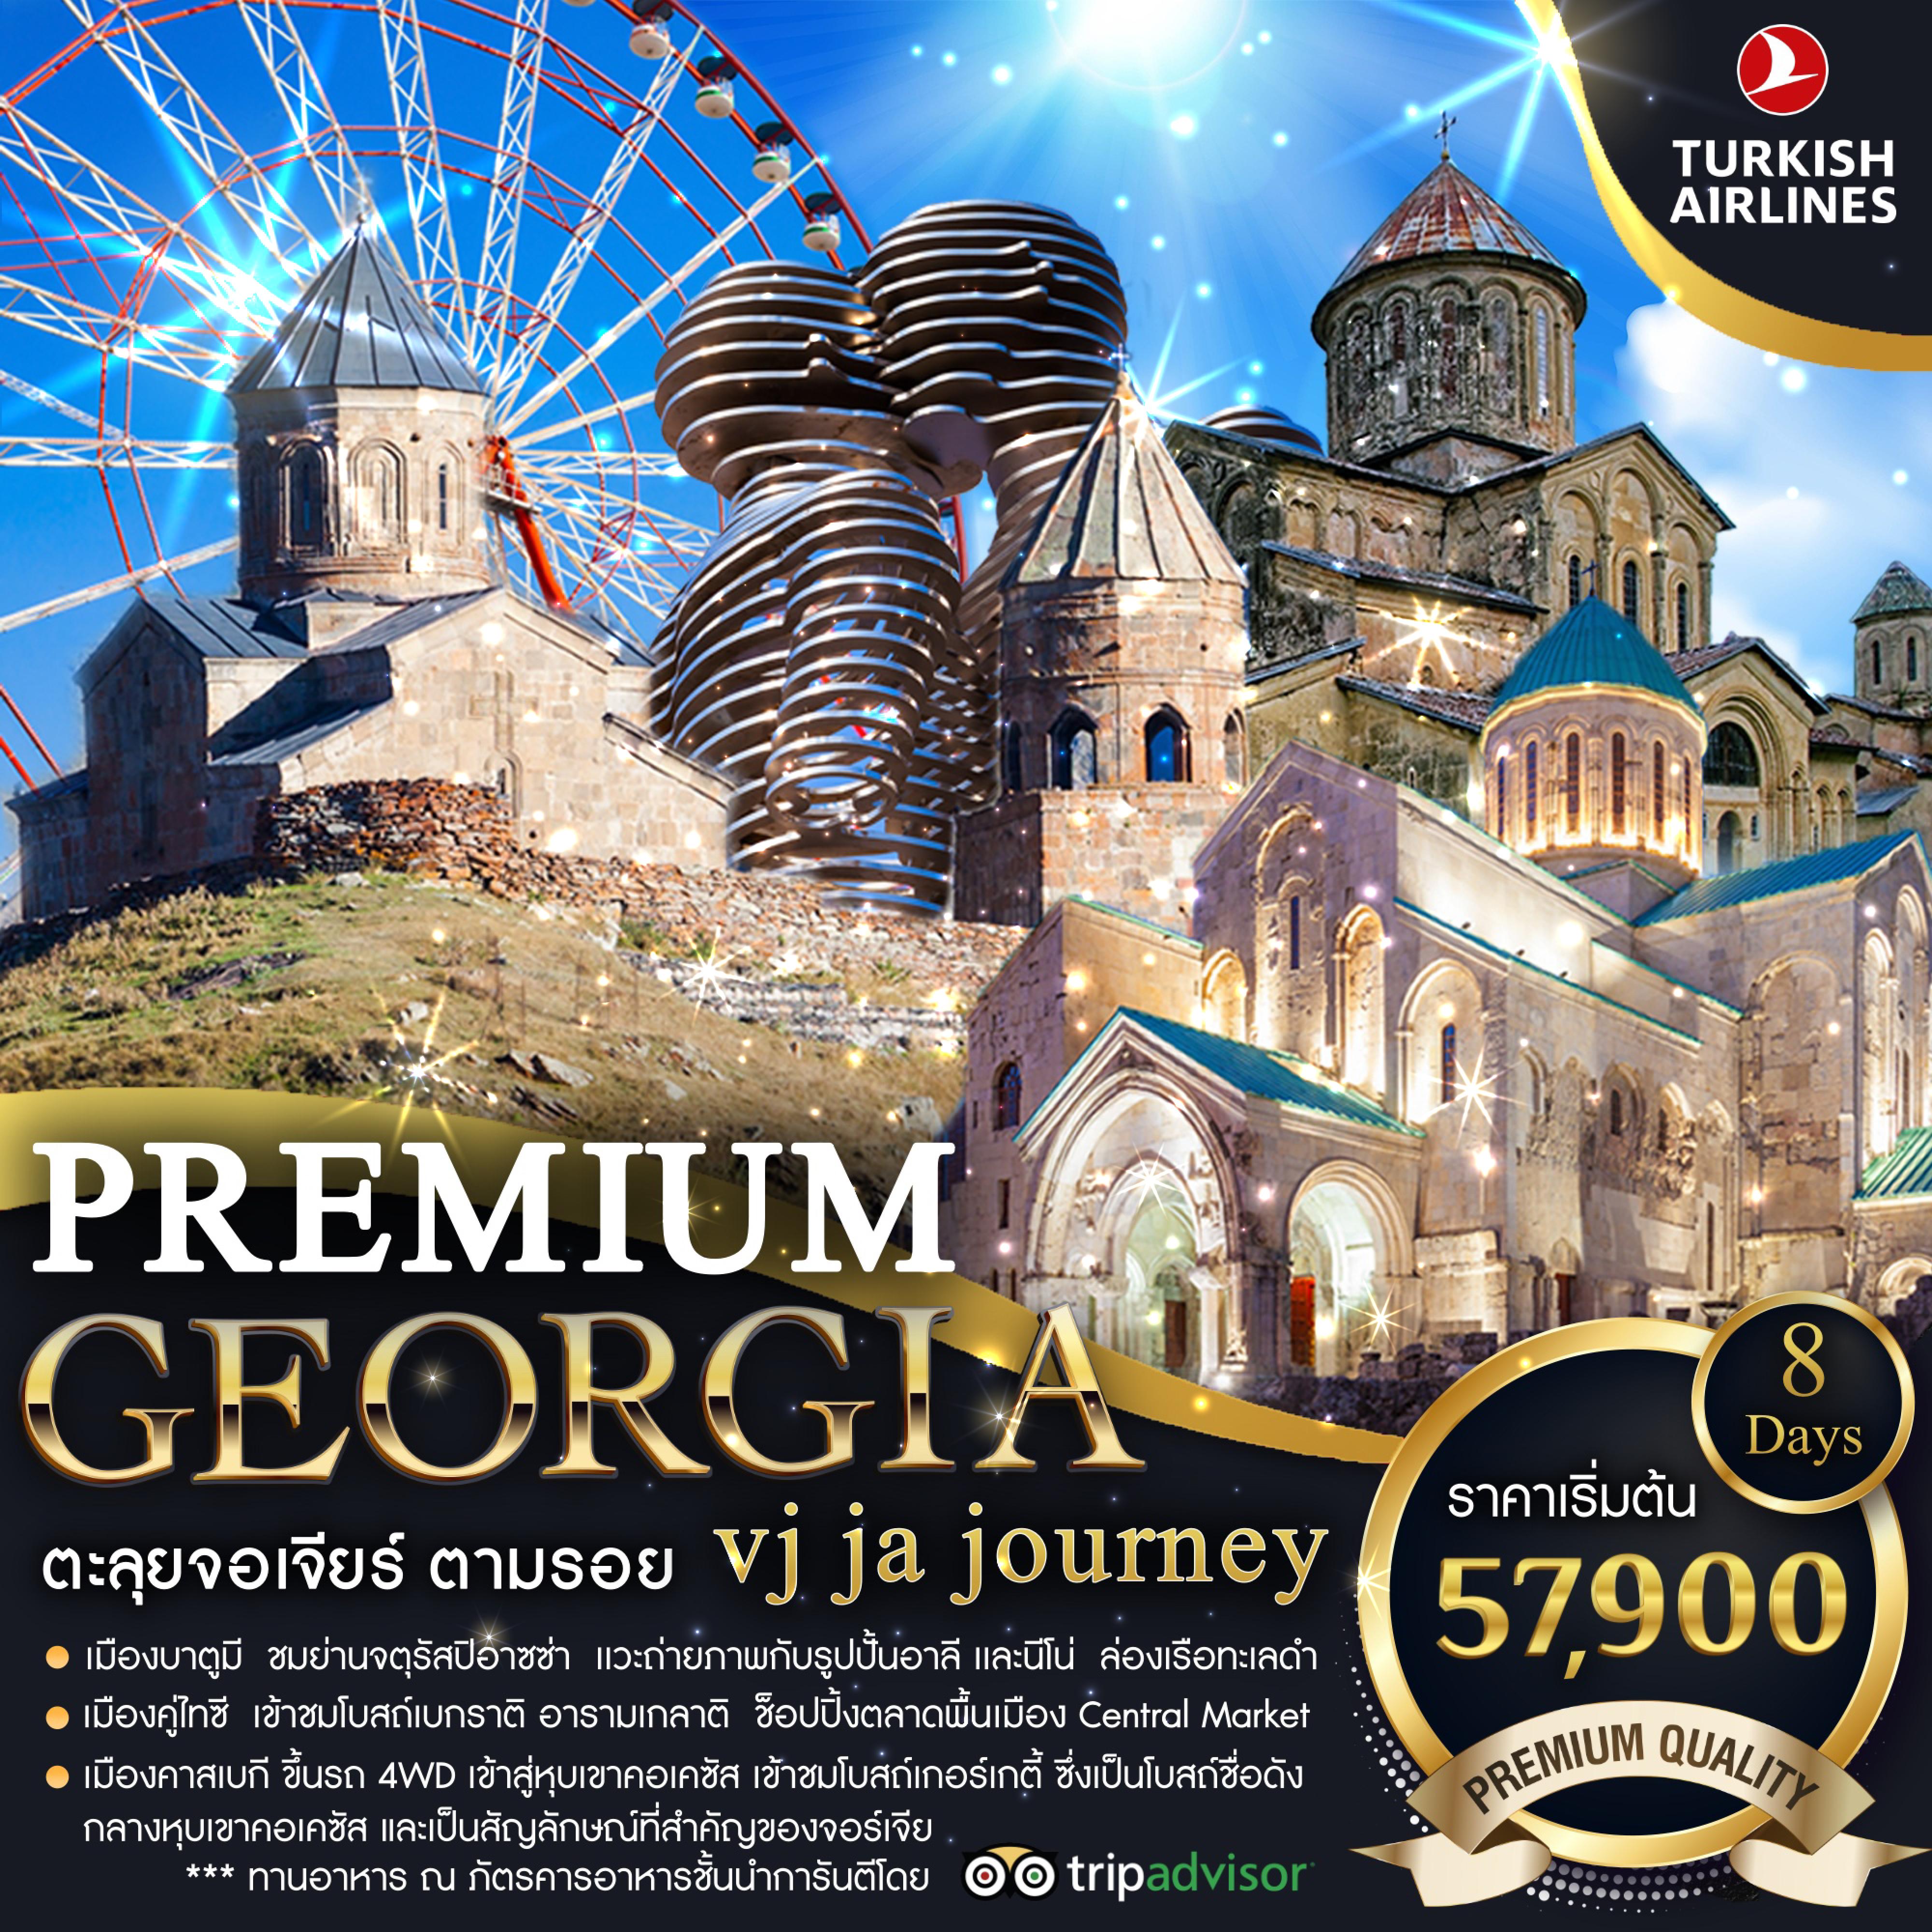 ทัวร์จอร์เจีย Premium Georgia 8 วัน 5 คืน